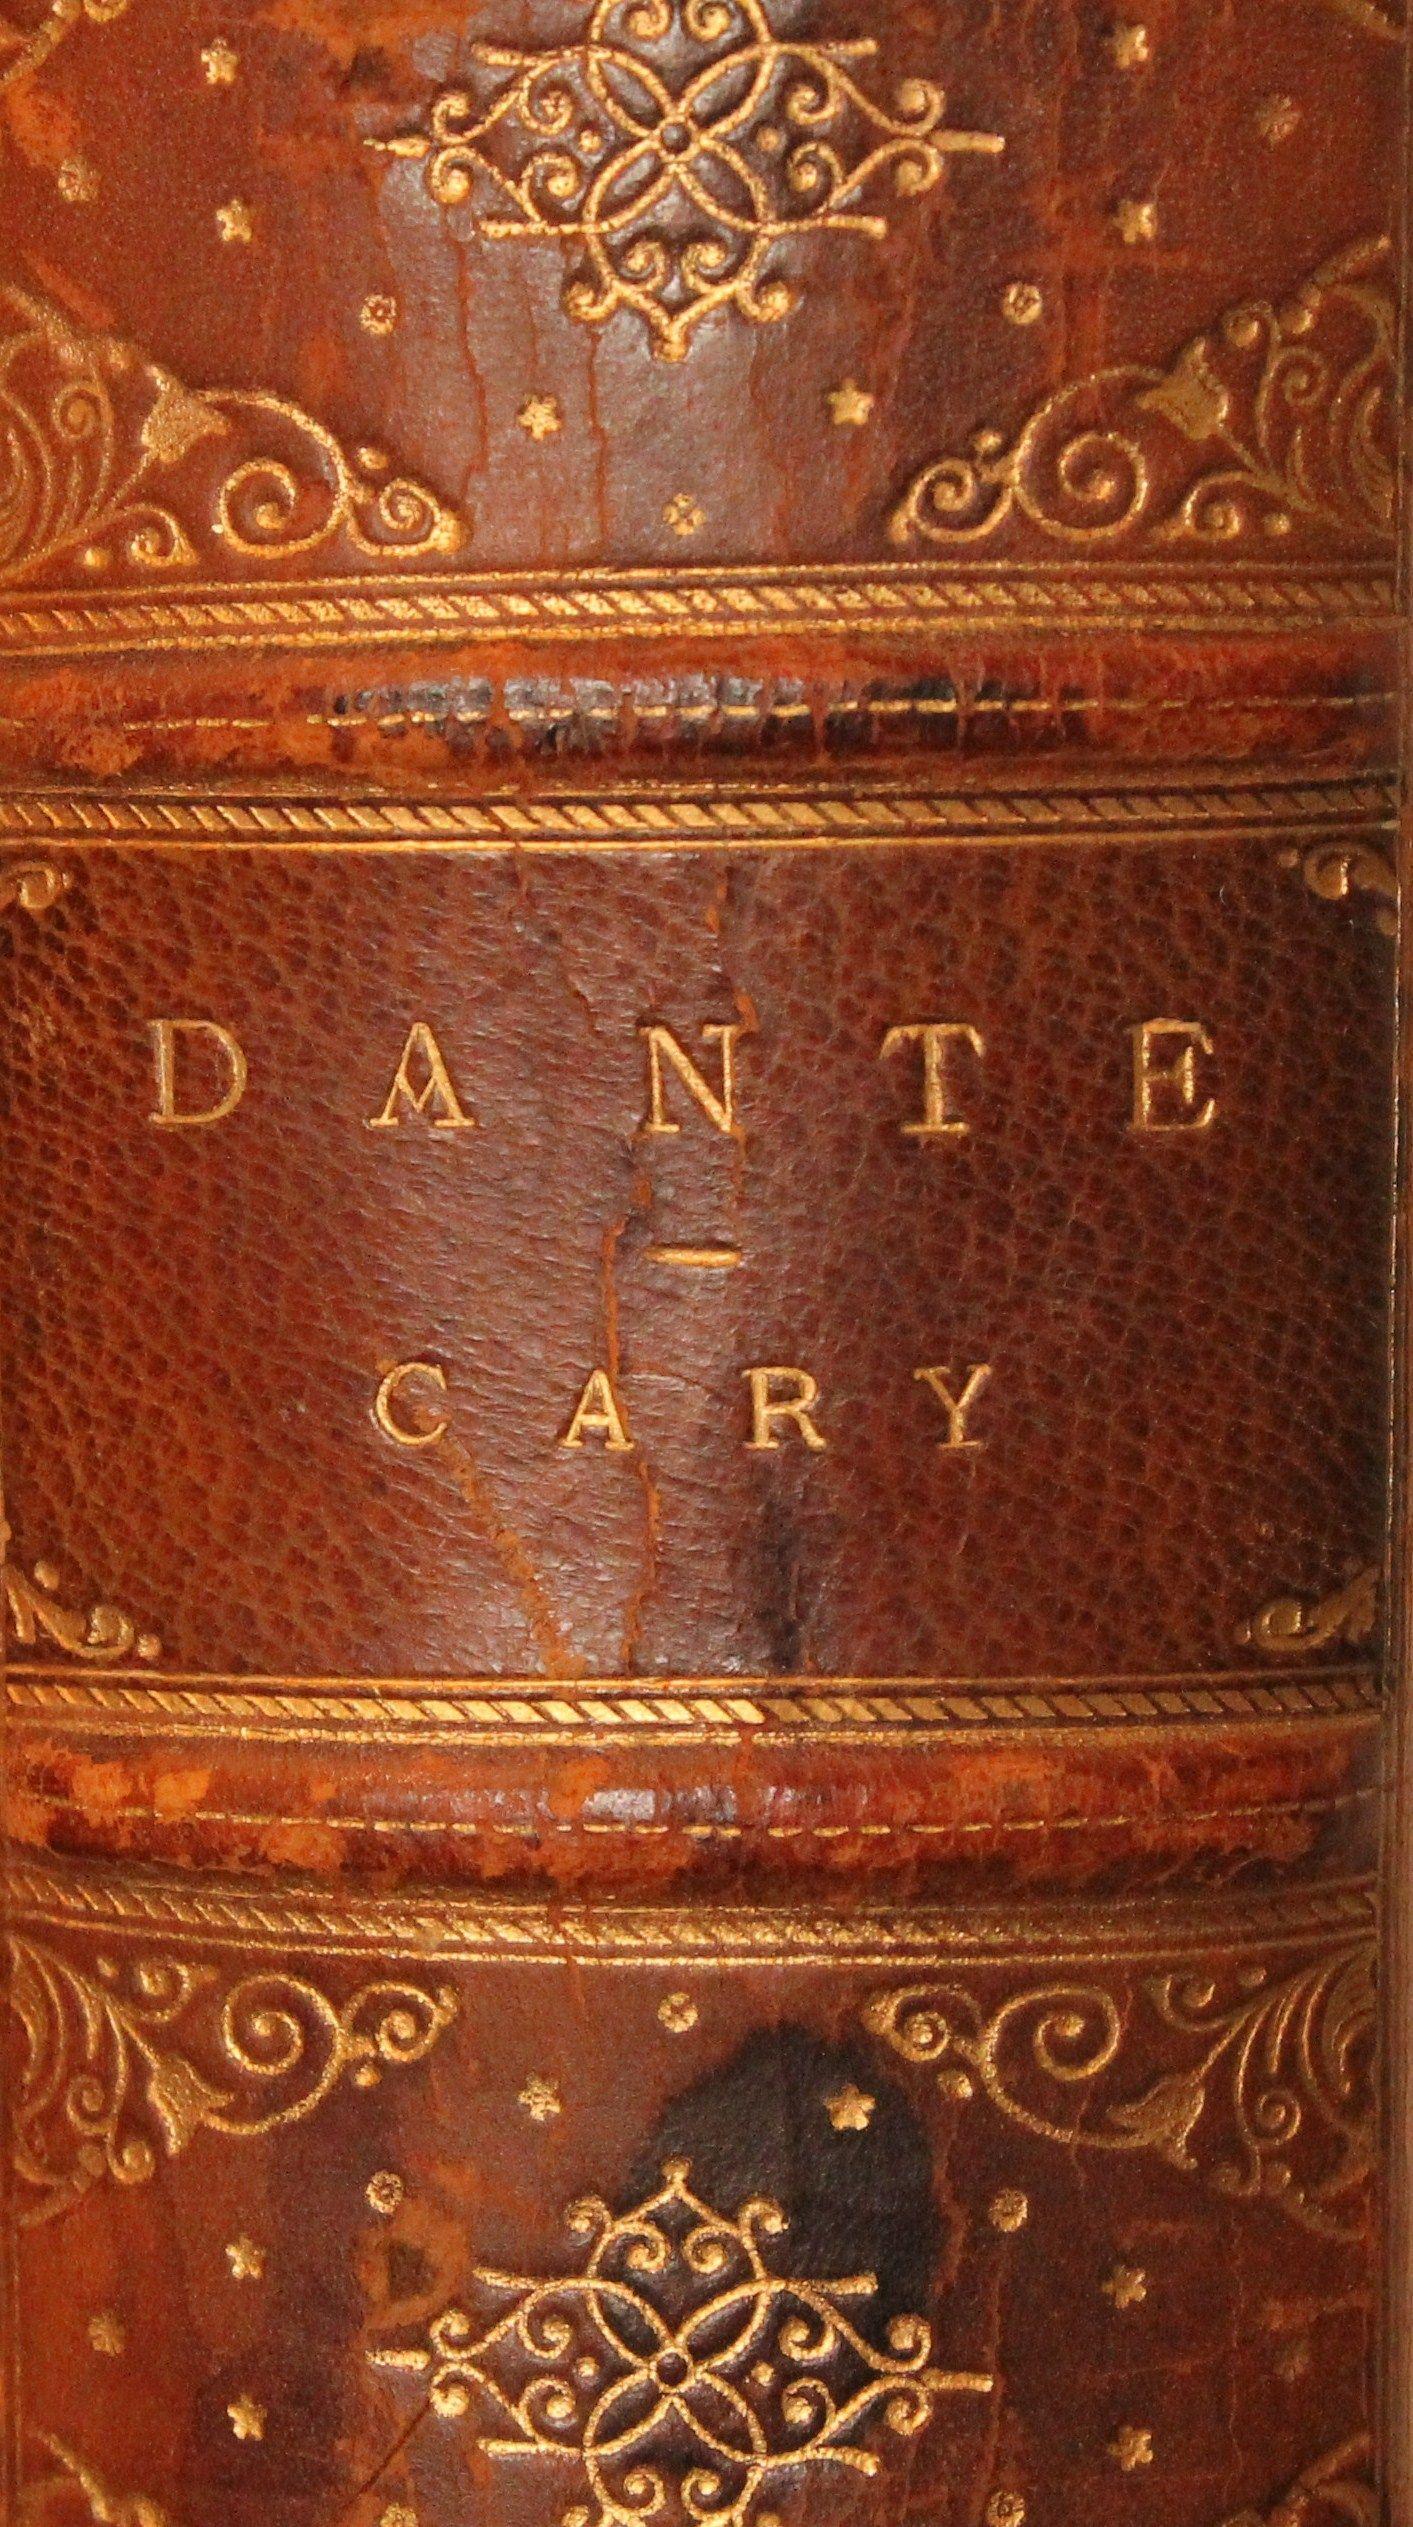 dante's inferno book for sale